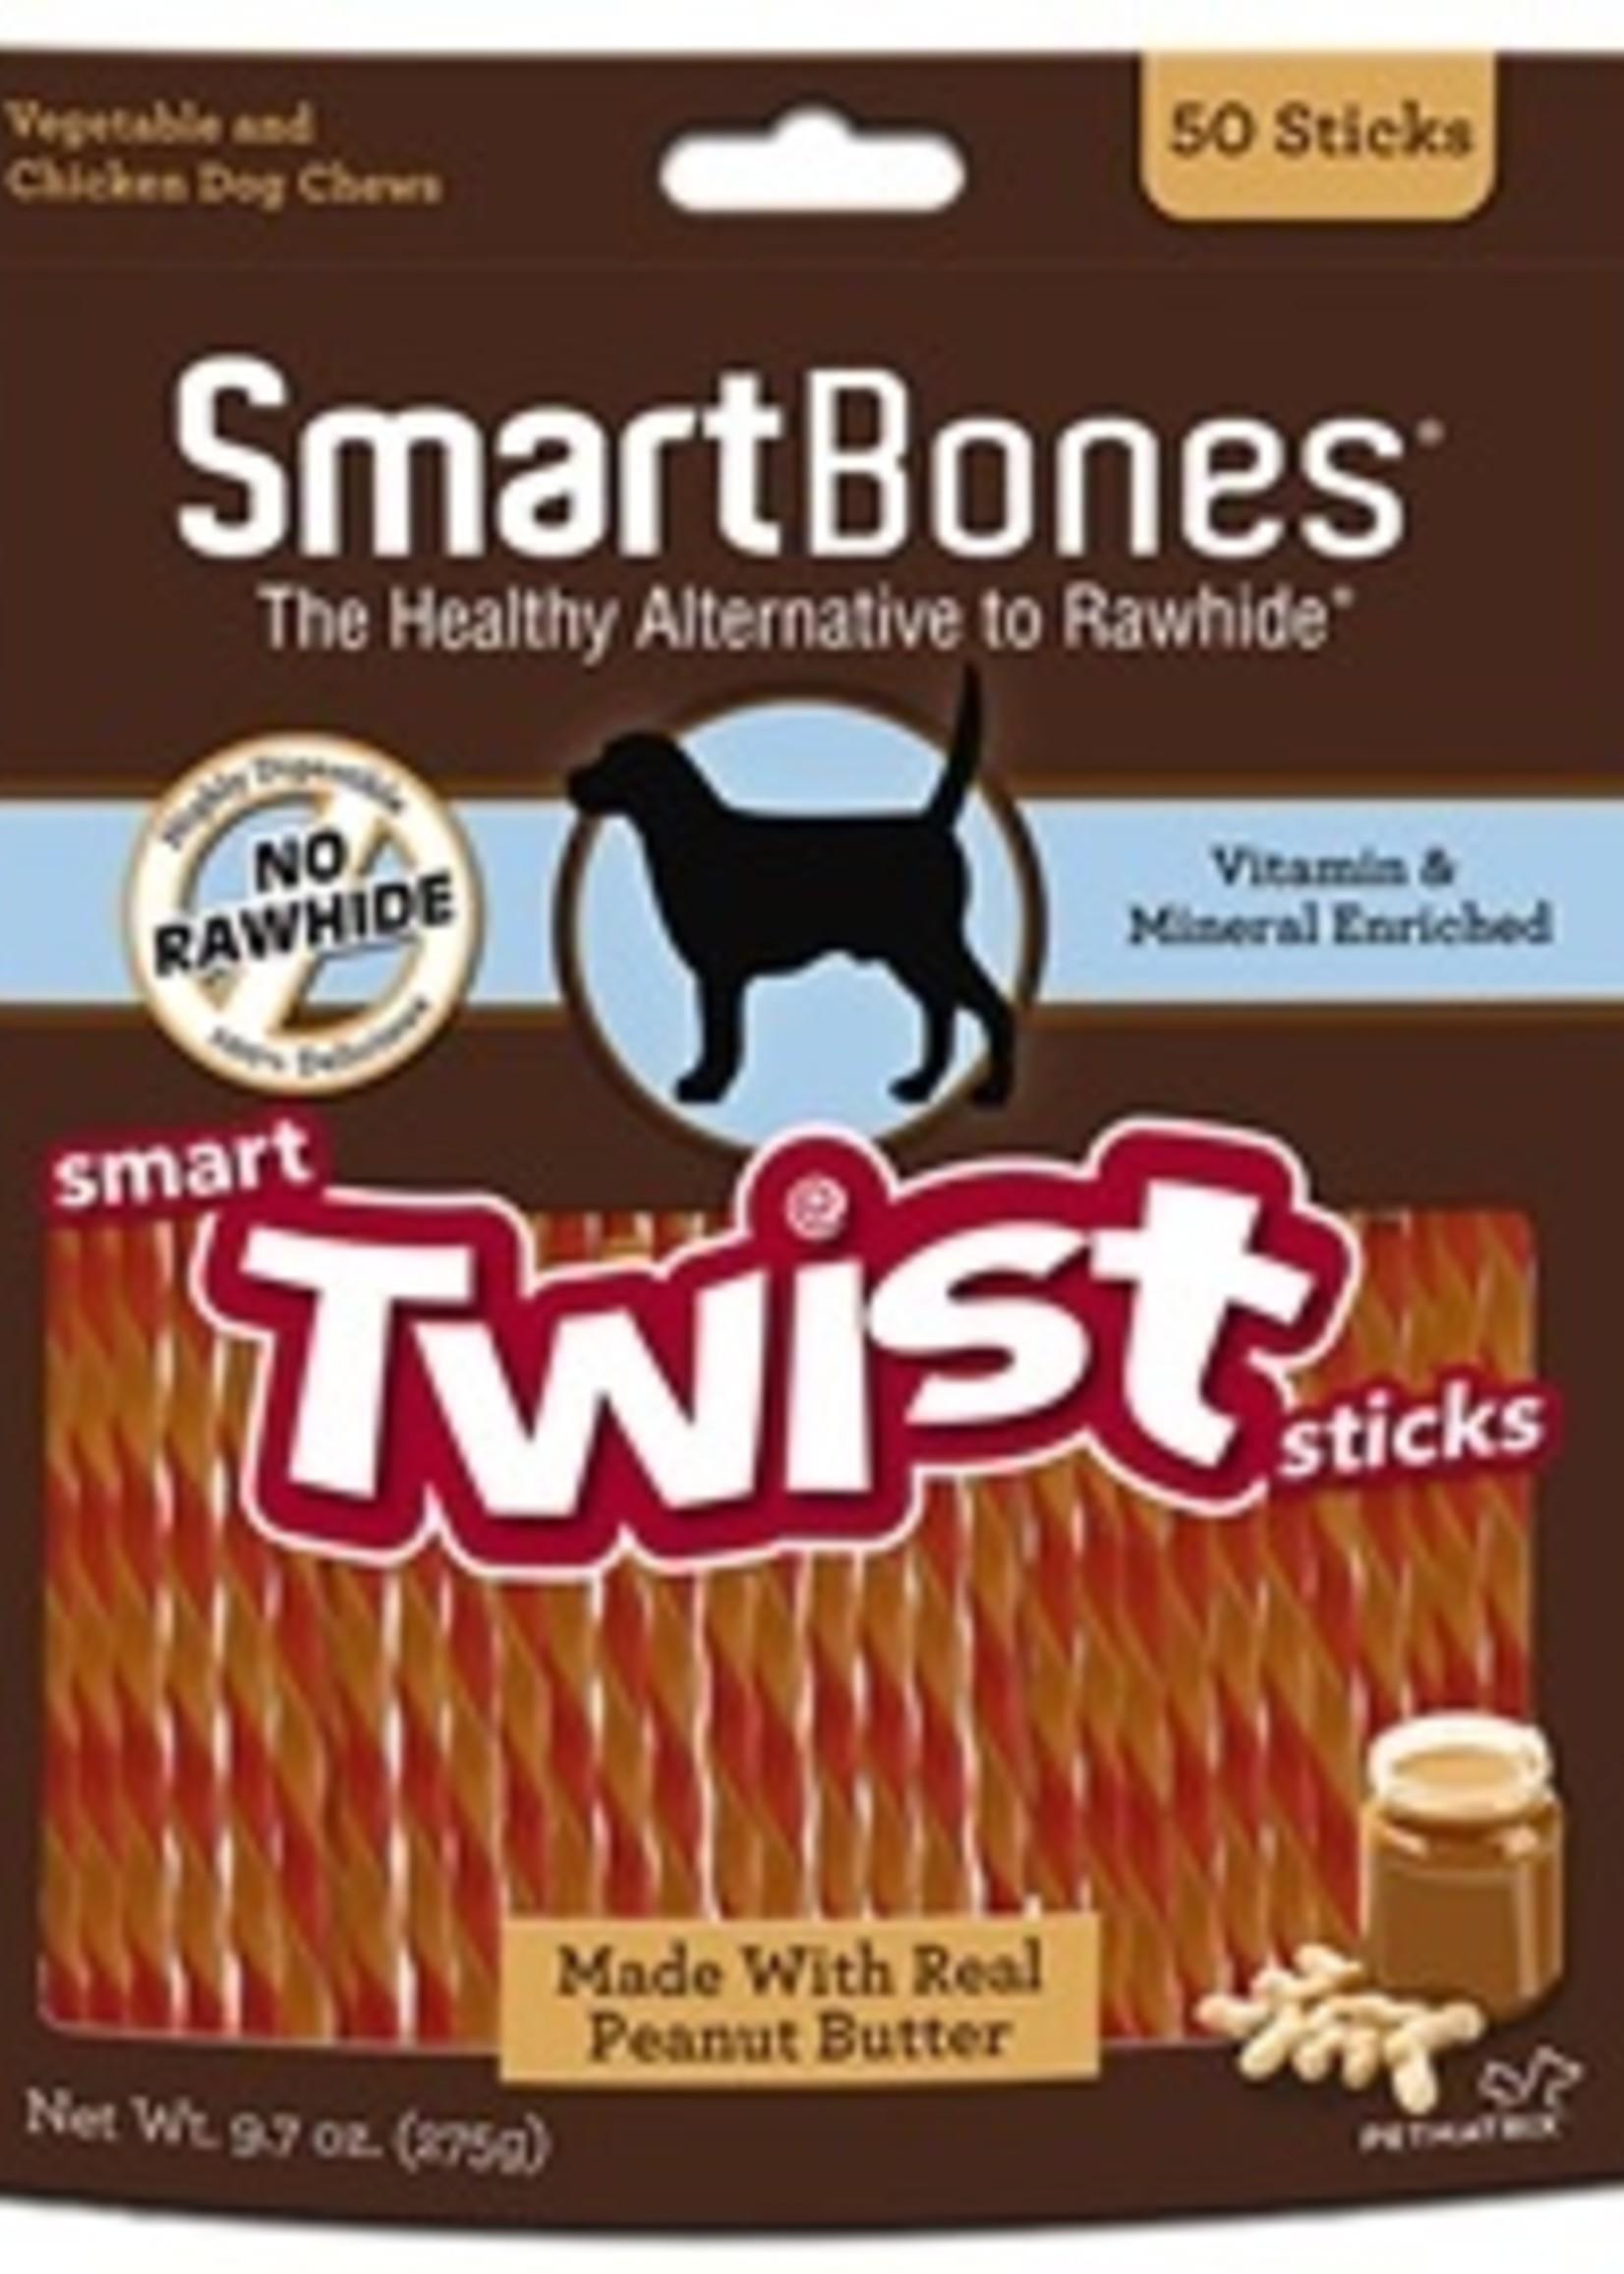 SmartBones Smartbones Peanut Butter 50 Sticks